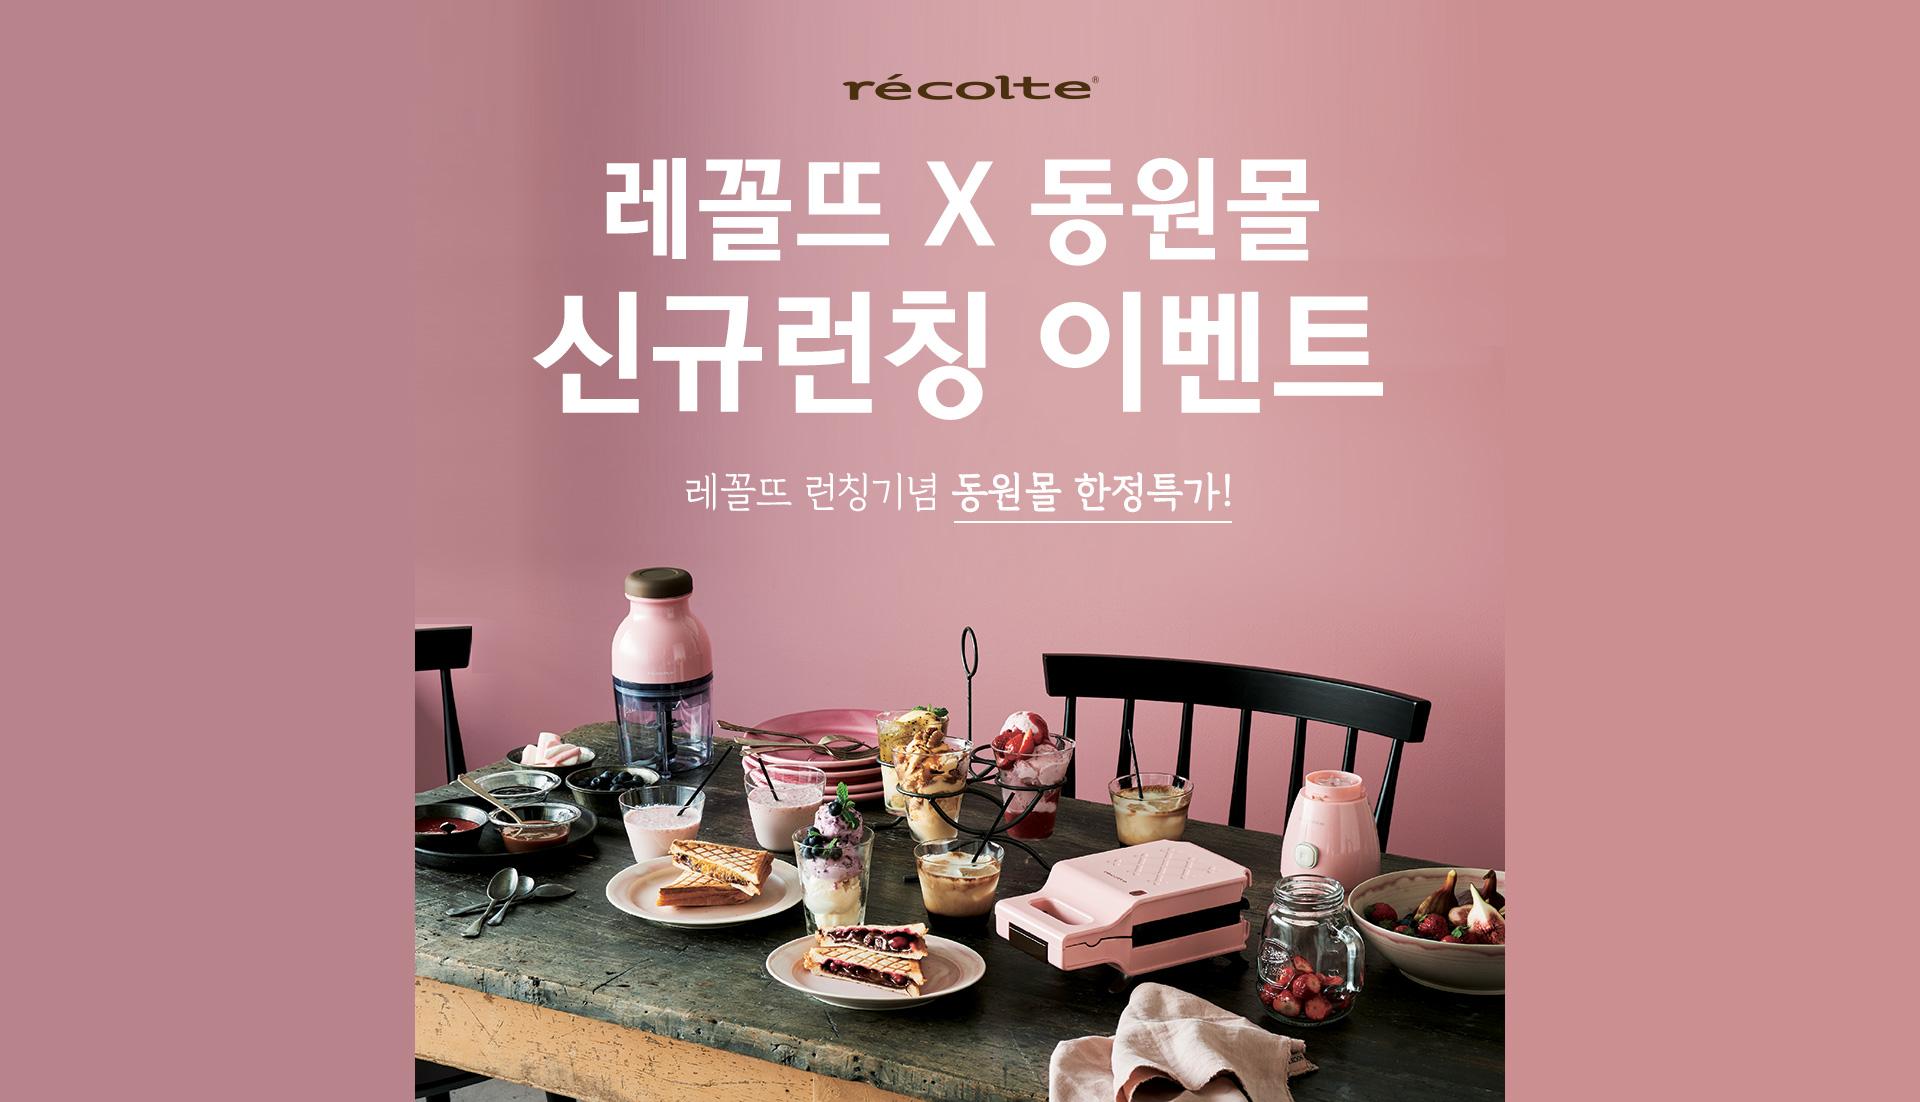 레꼴뜨 X 동원몰 신규런칭 이벤트 레꼴뜨 런칭기념 동원몰 한정특가!